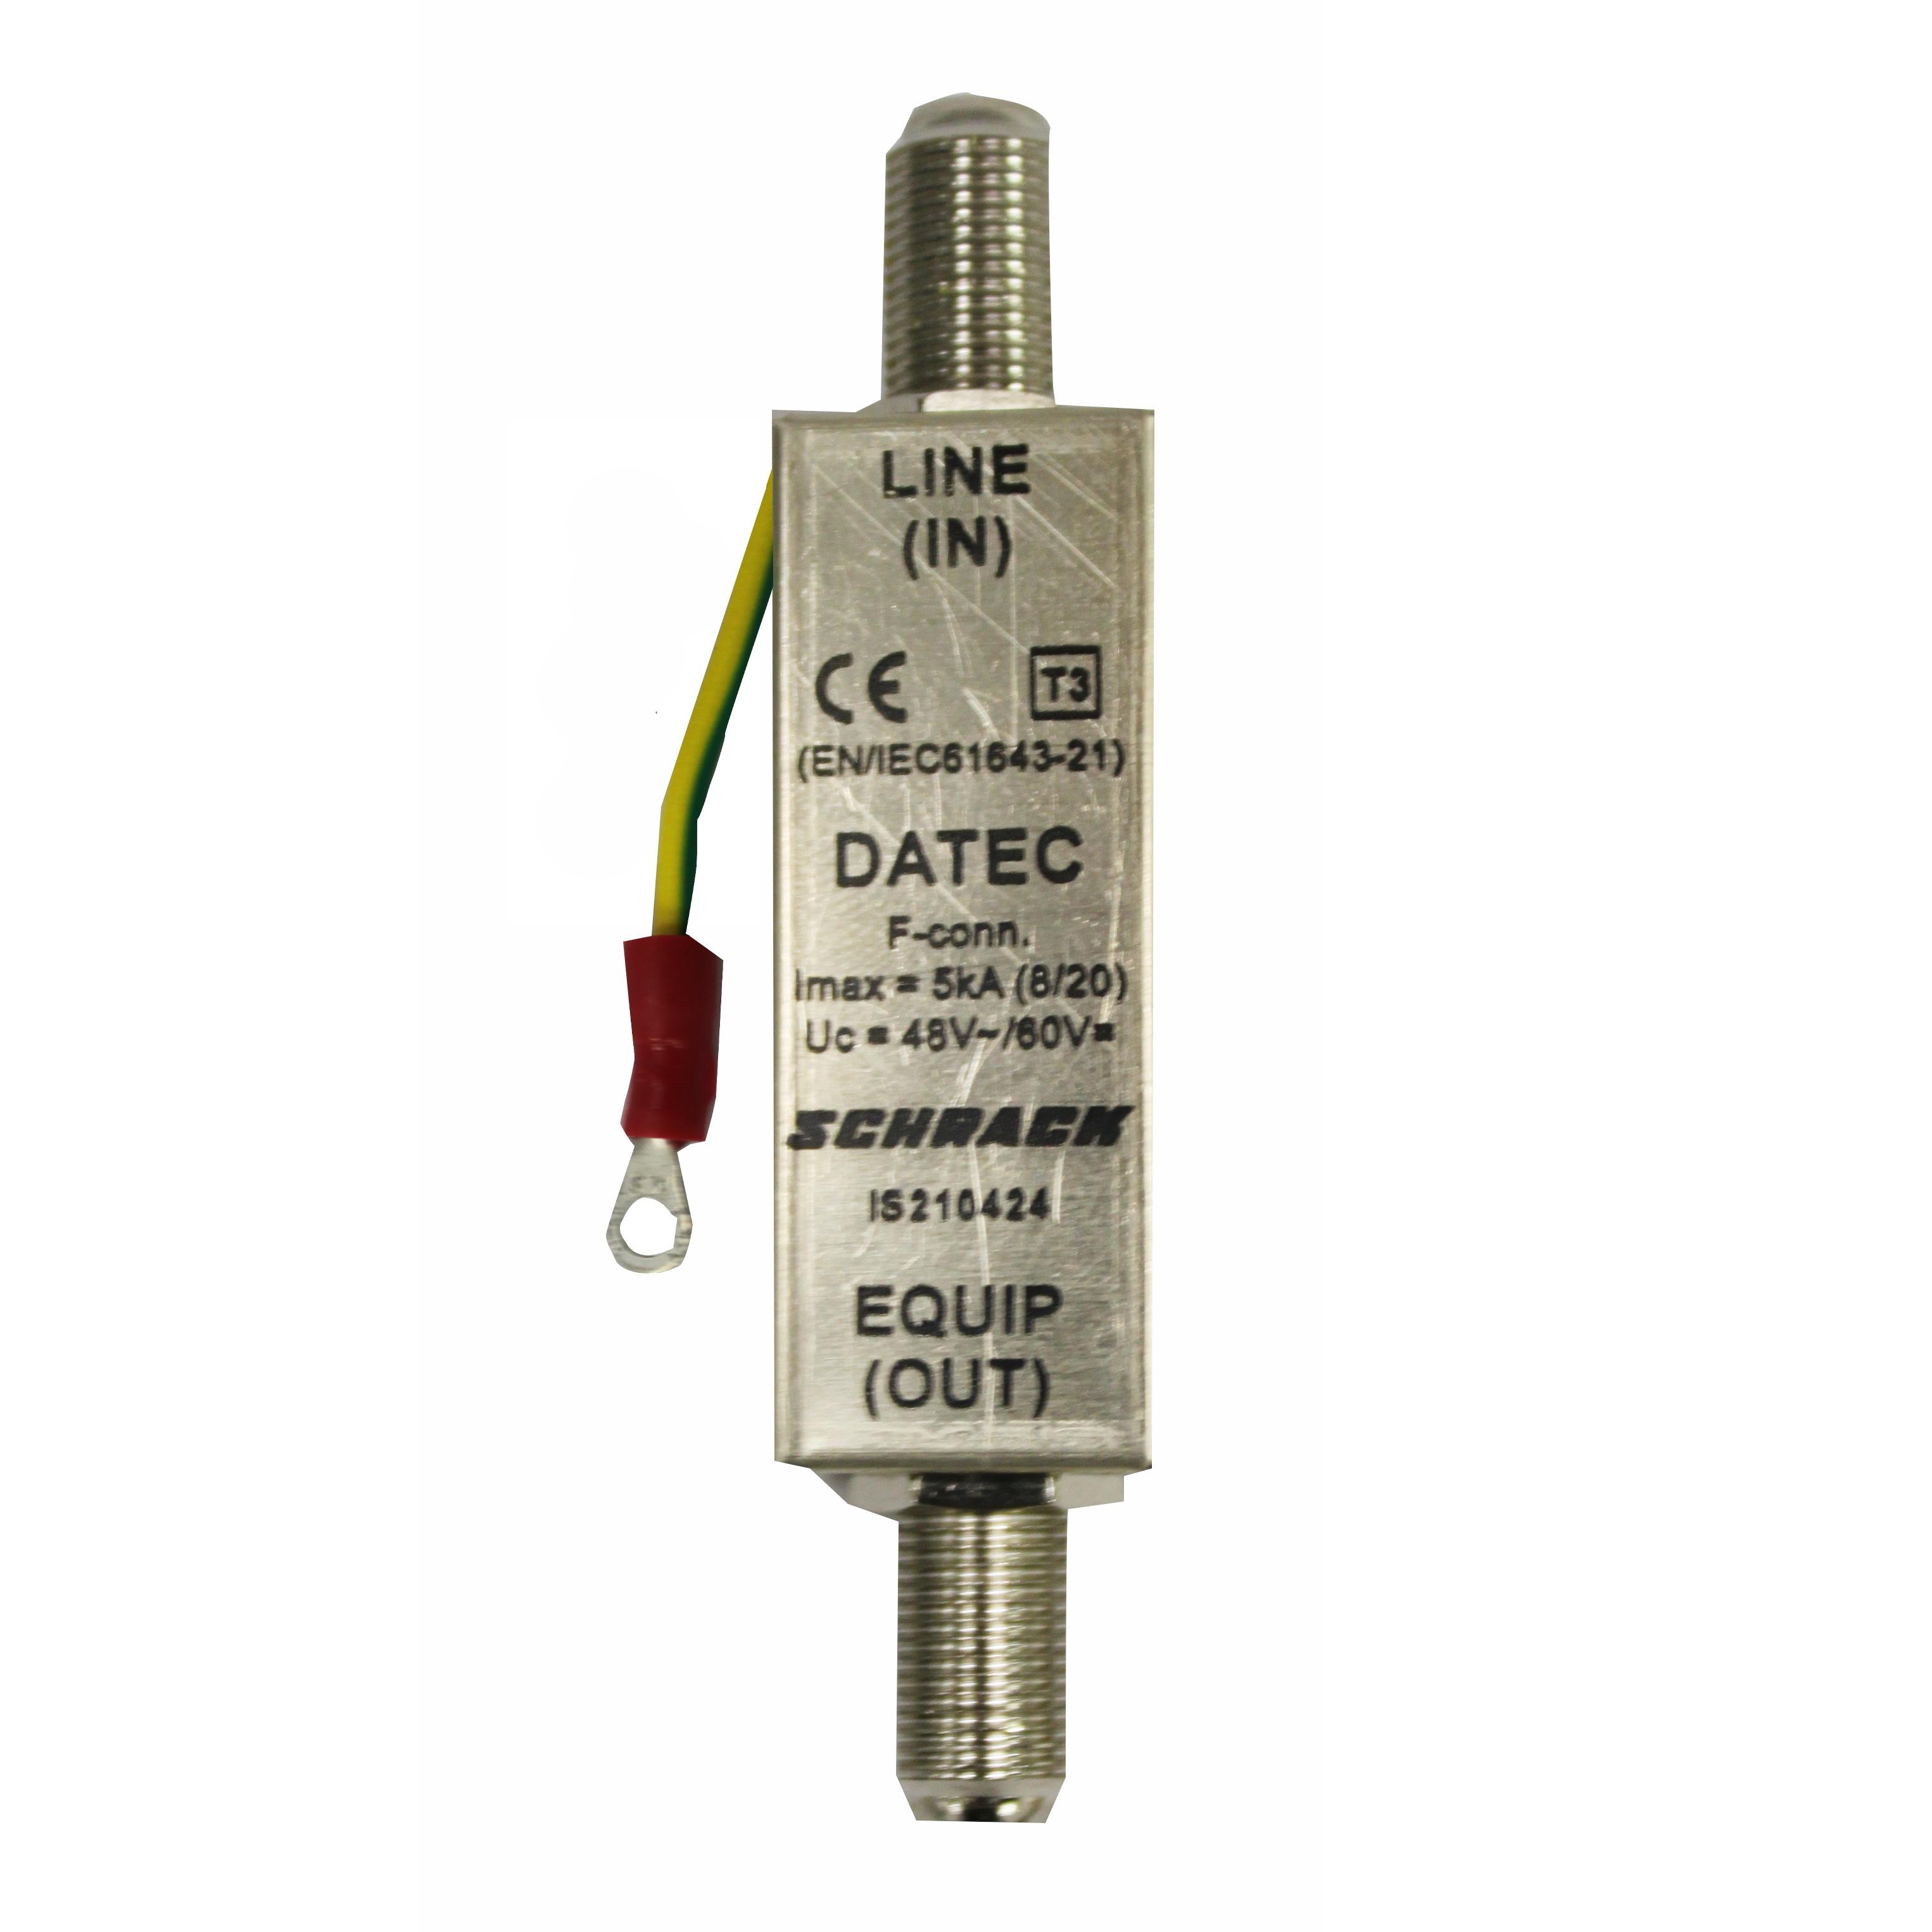 1 Stk Datenableiter für Koaxialkabel mit F Stecker IS210424--